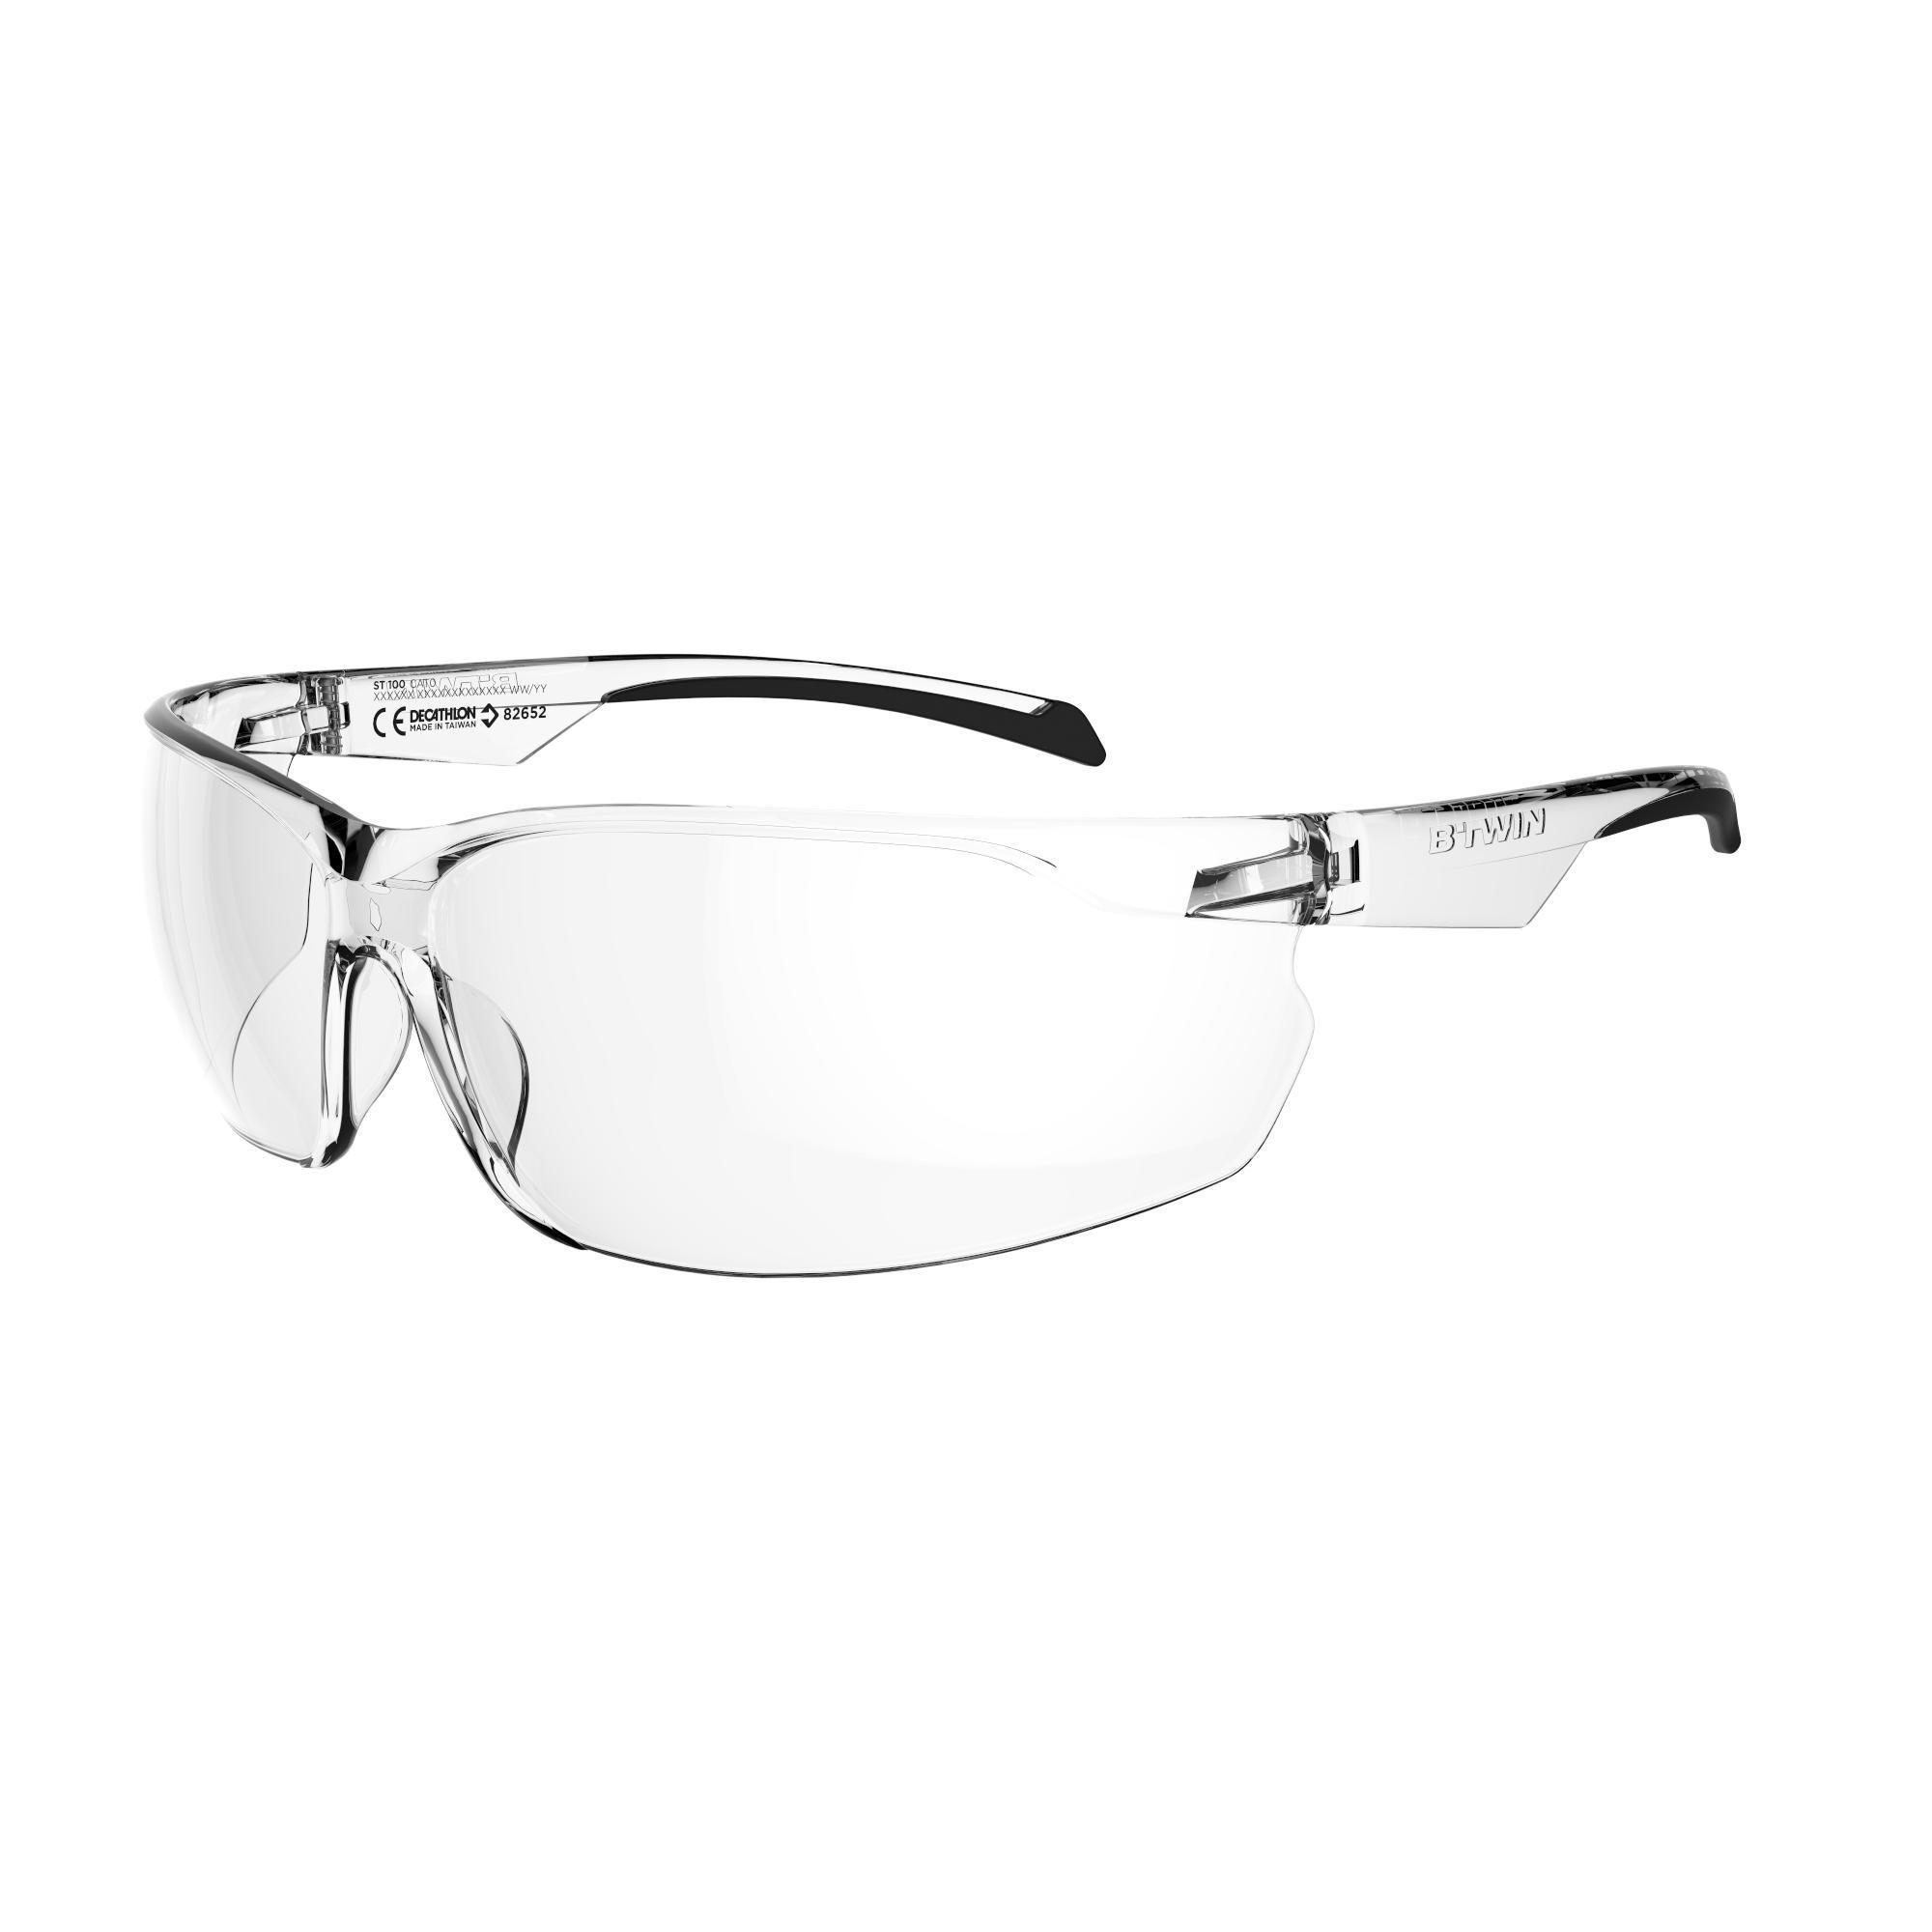 4c98e75fcf Gafas de BTT adulto ST 100 transparentes categoría 0 Rockrider | Decathlon